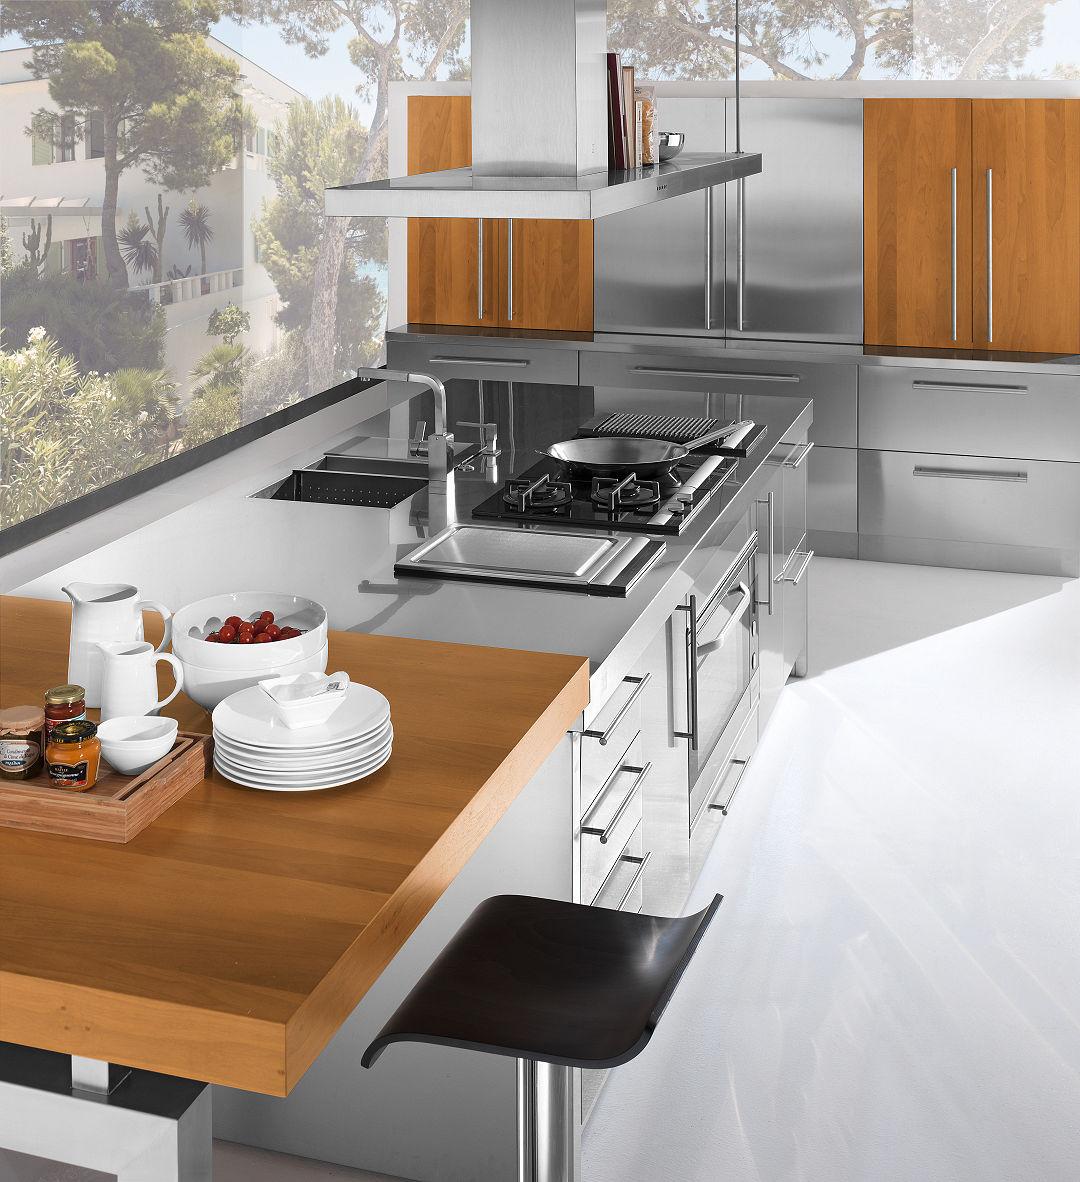 Arca Cucine Italia - Cucine Domestiche in Acciaio Inox - 23 - Barn - 0006